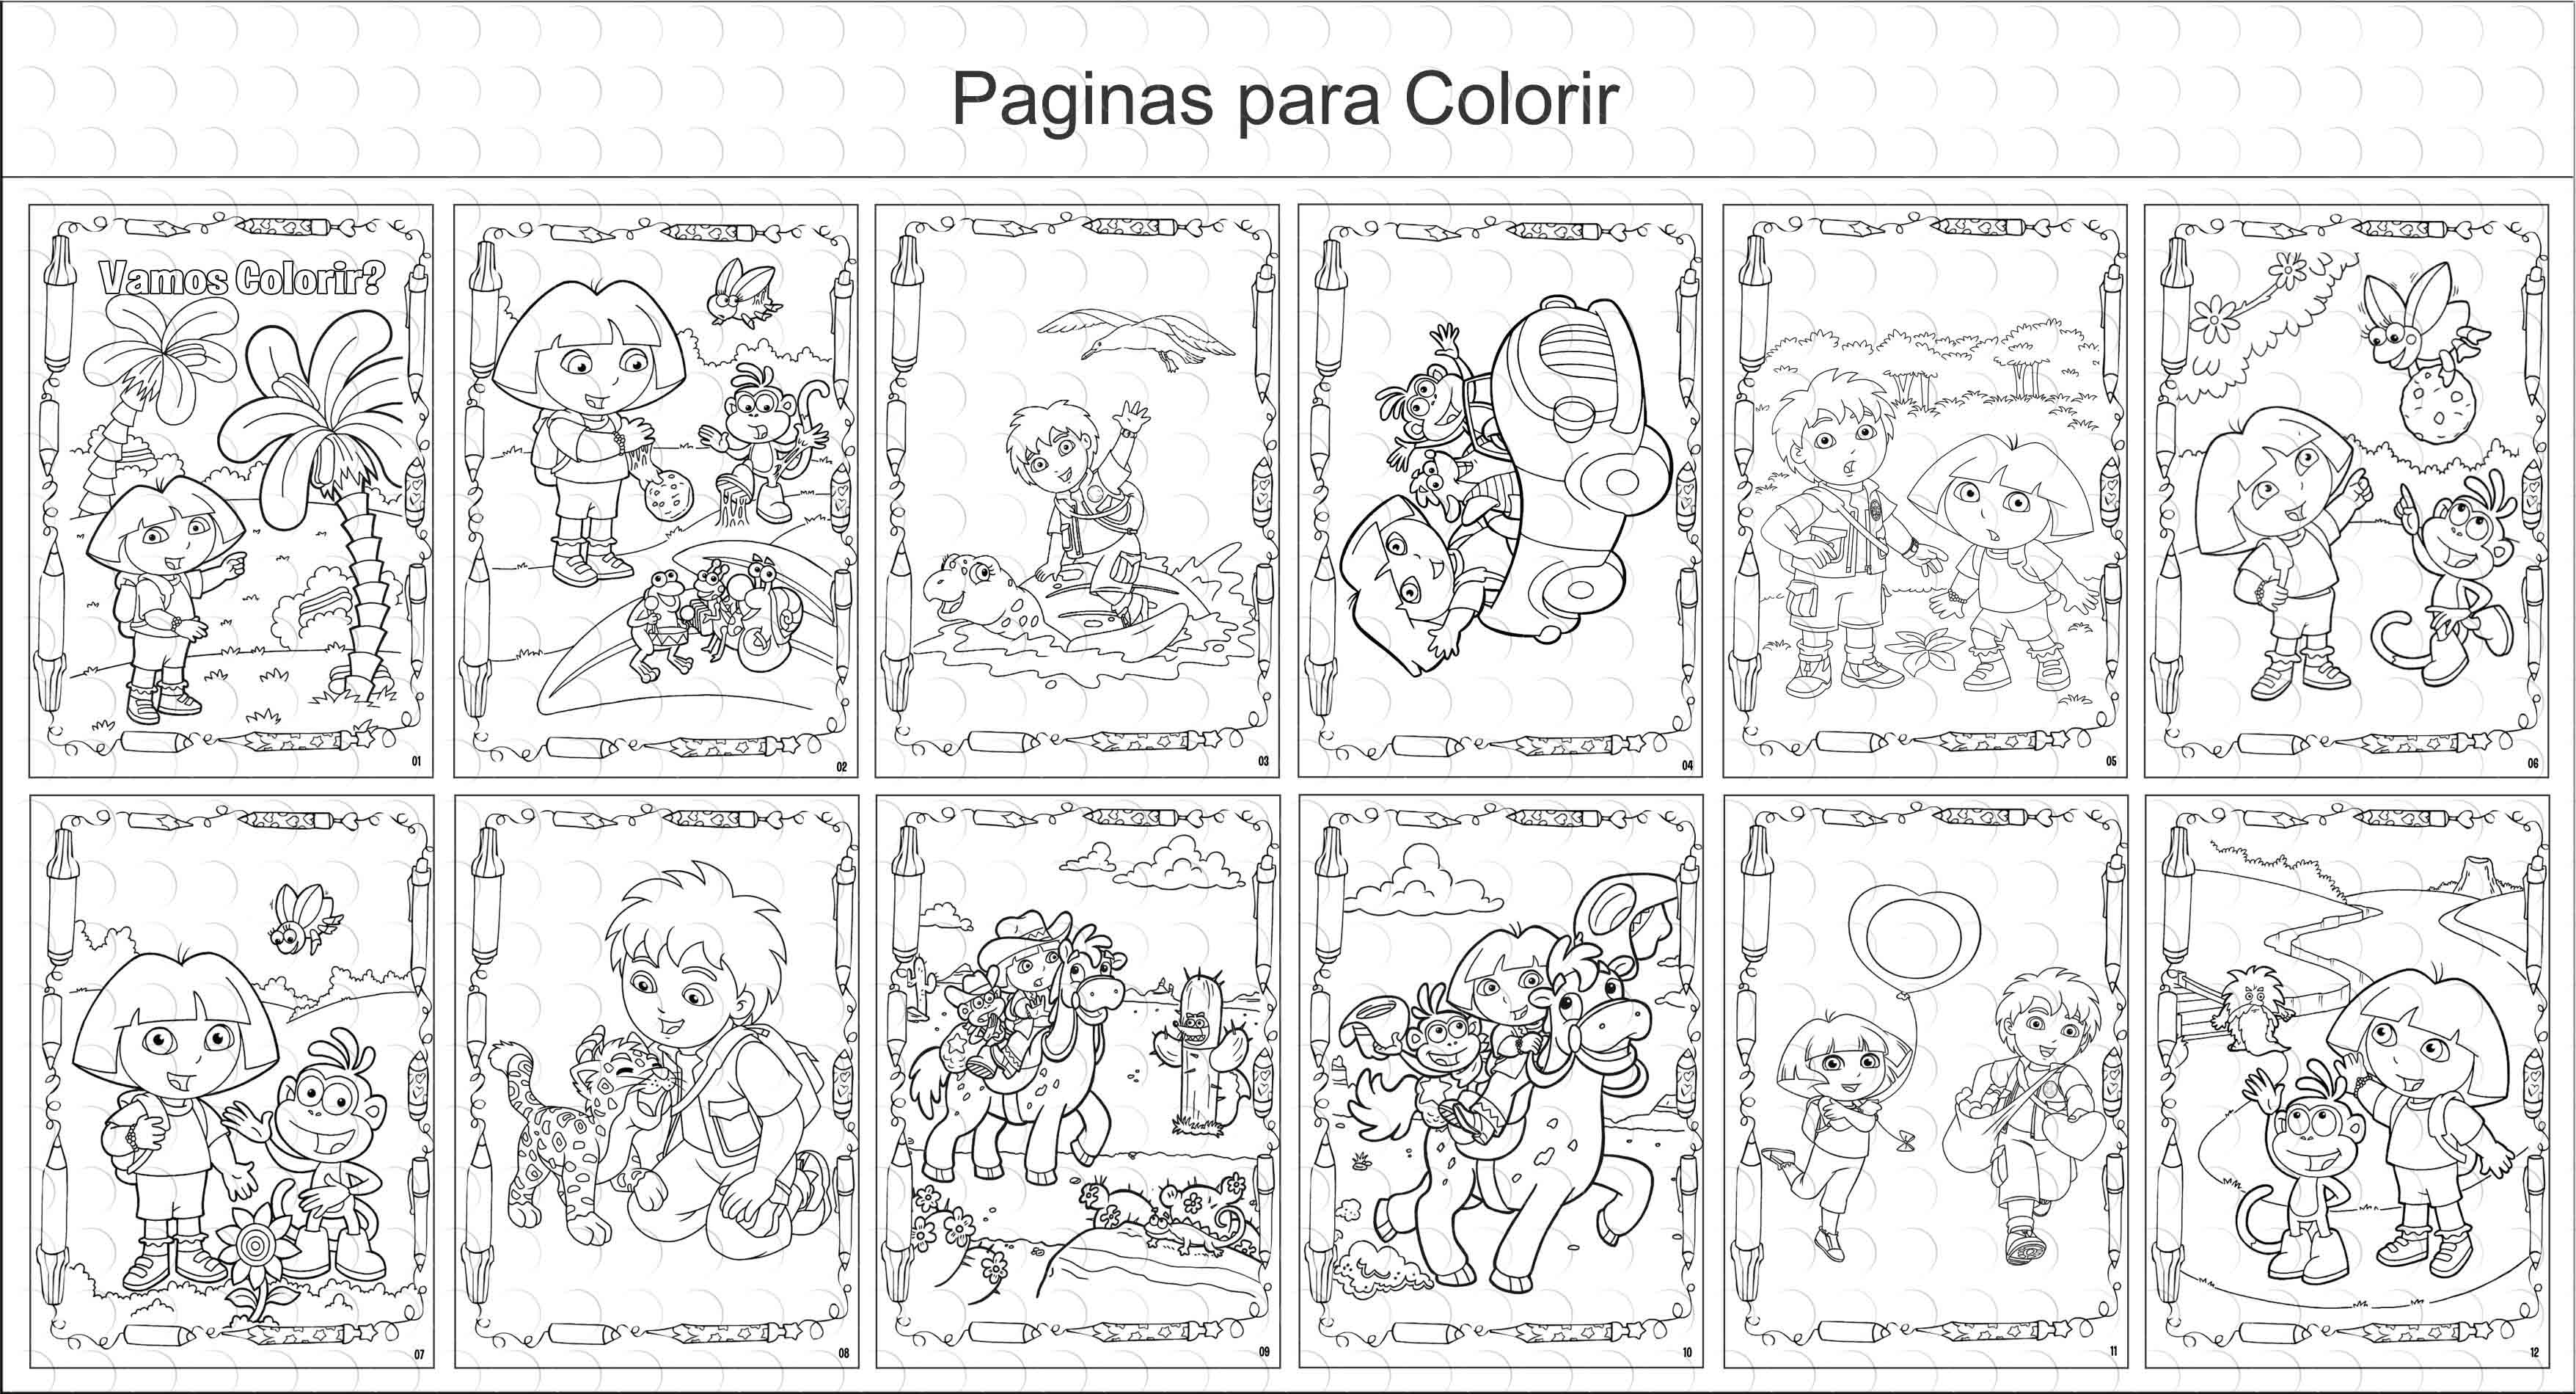 Livro De Colorir Dora E Diego 15x21cm No Elo7 G A Personalize